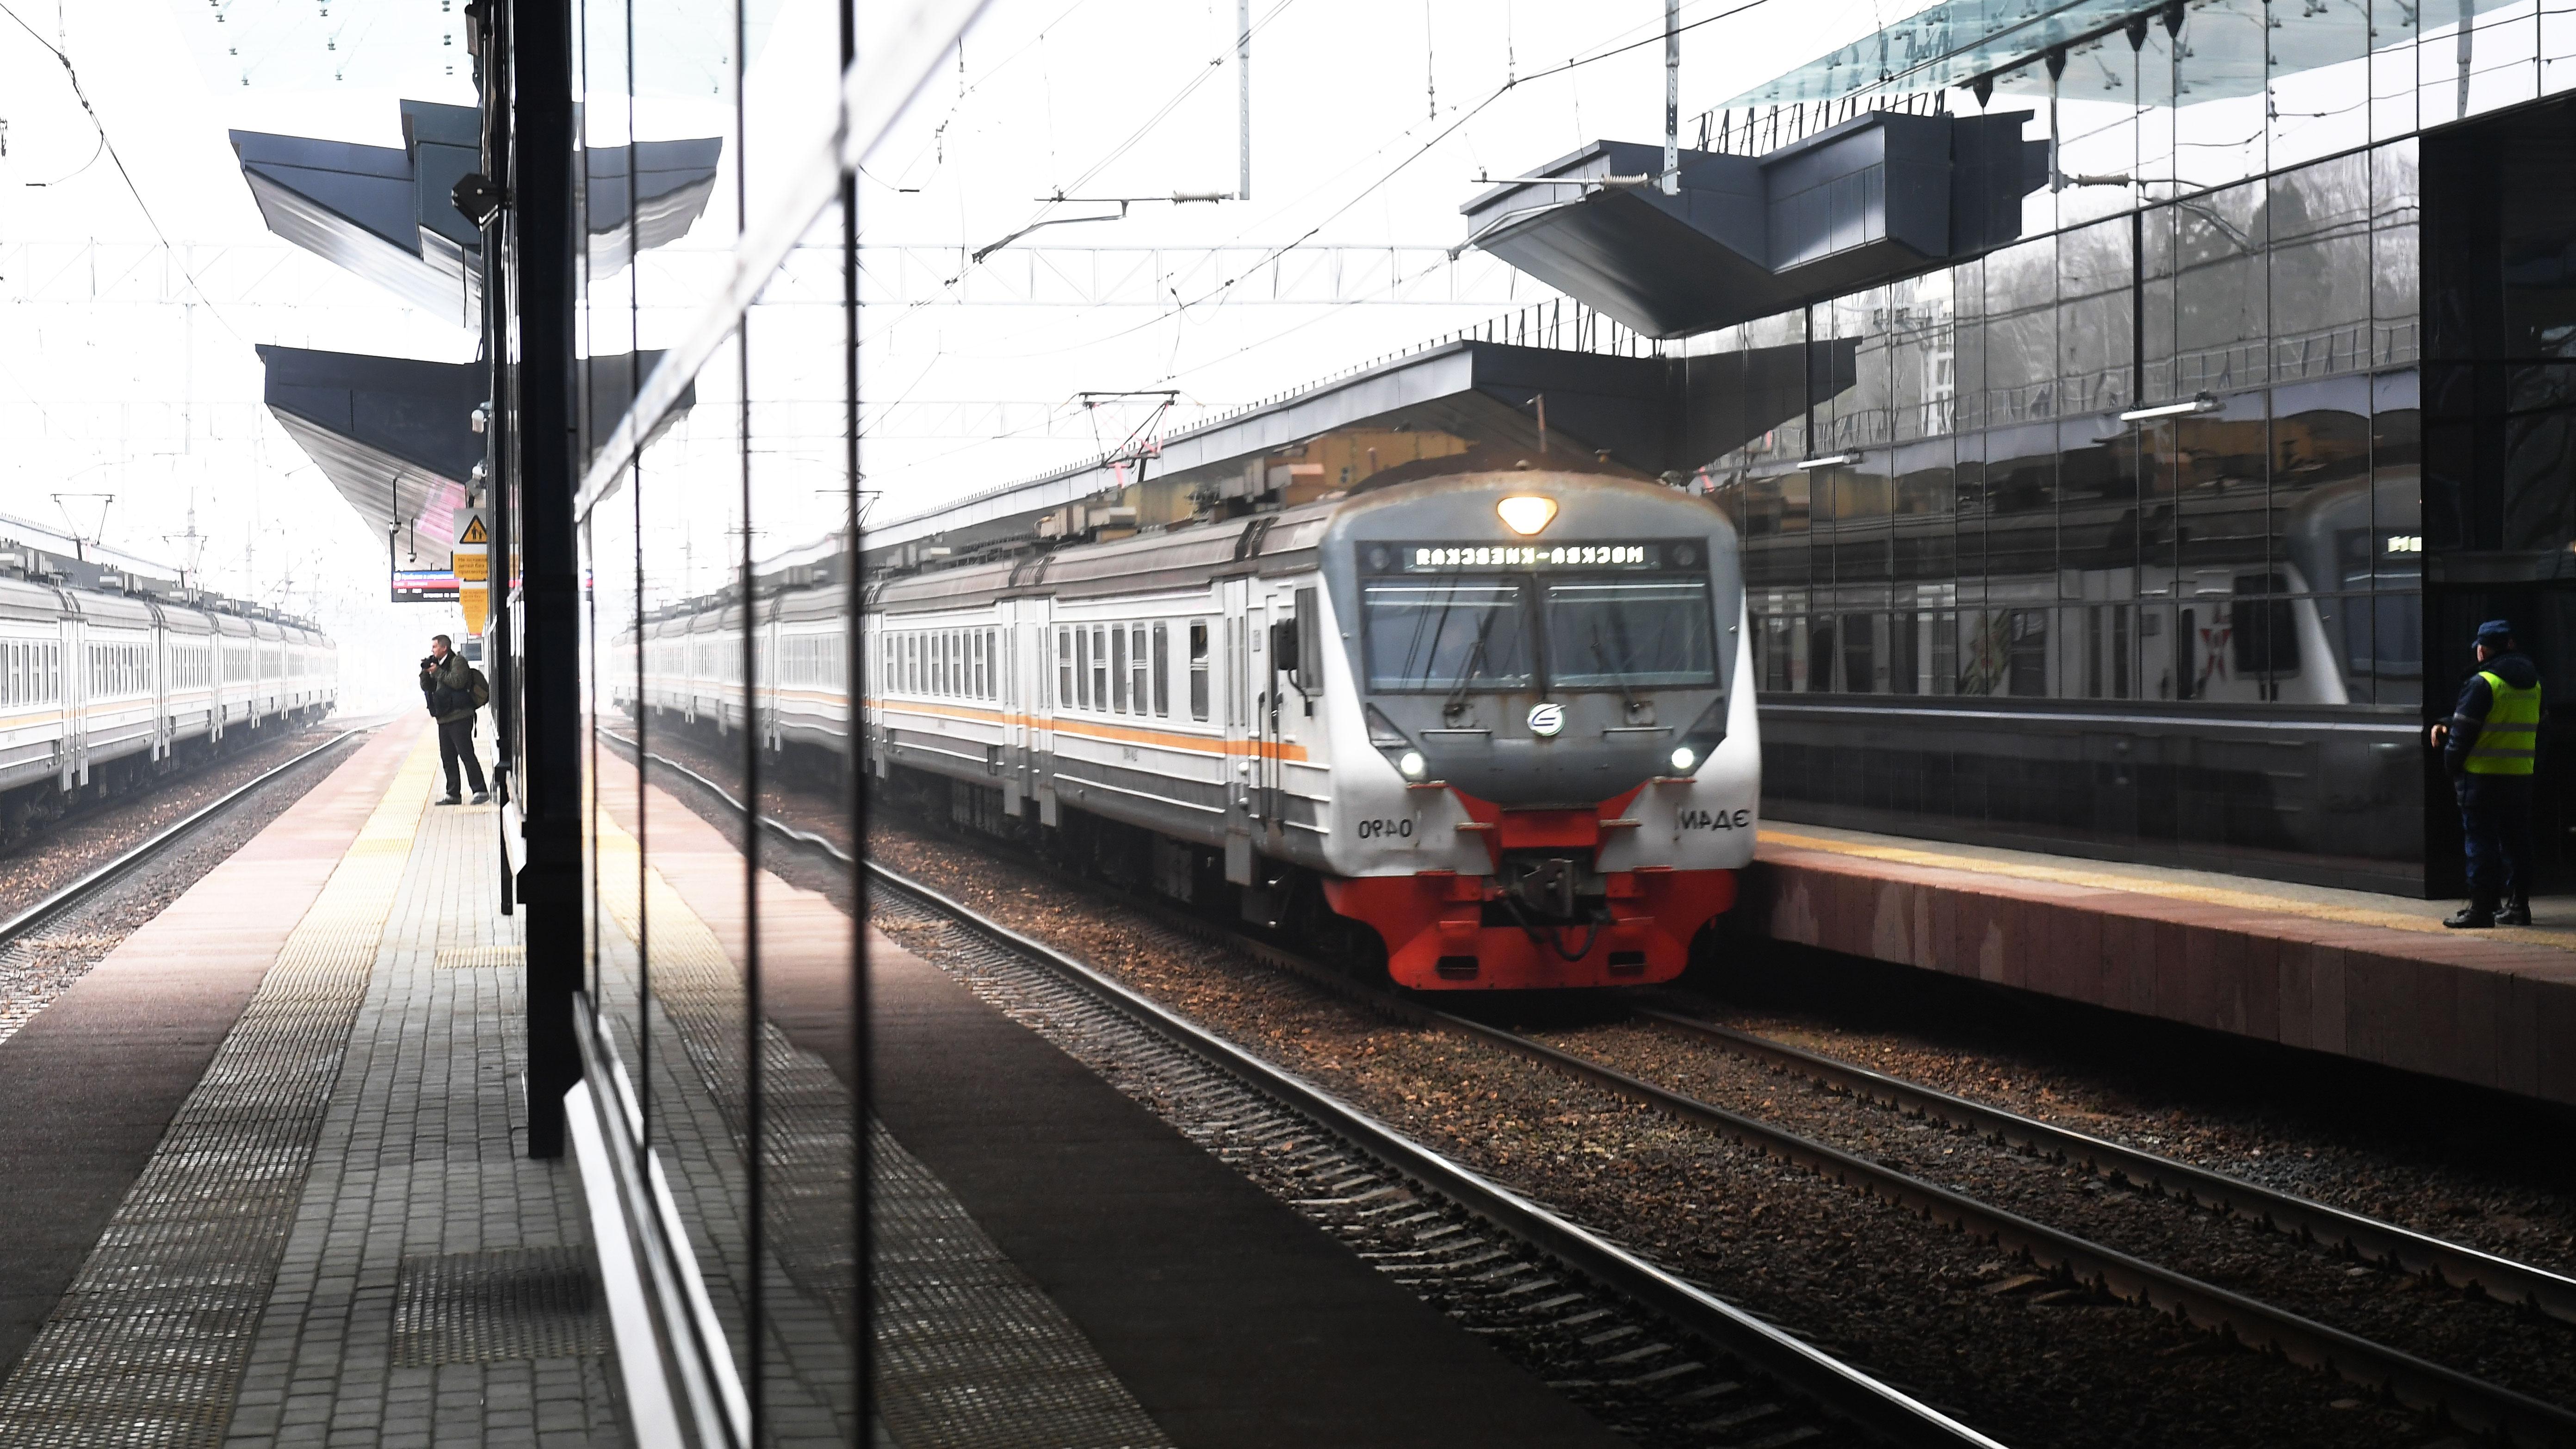 РЖД в апреле сократили перевозки пассажиров на 70%